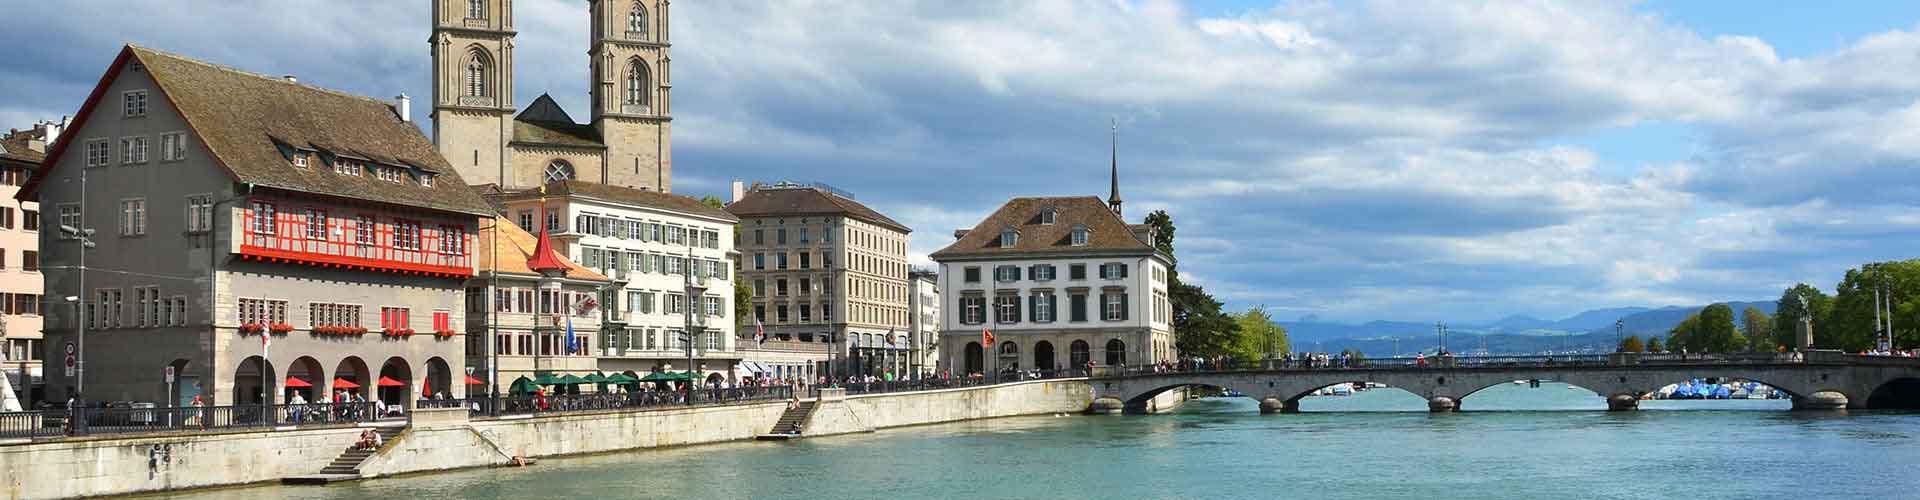 Zurich - Appartements près de City Center. Cartes pour Zurich, photos et commentaires pour chaque appartement à Zurich.